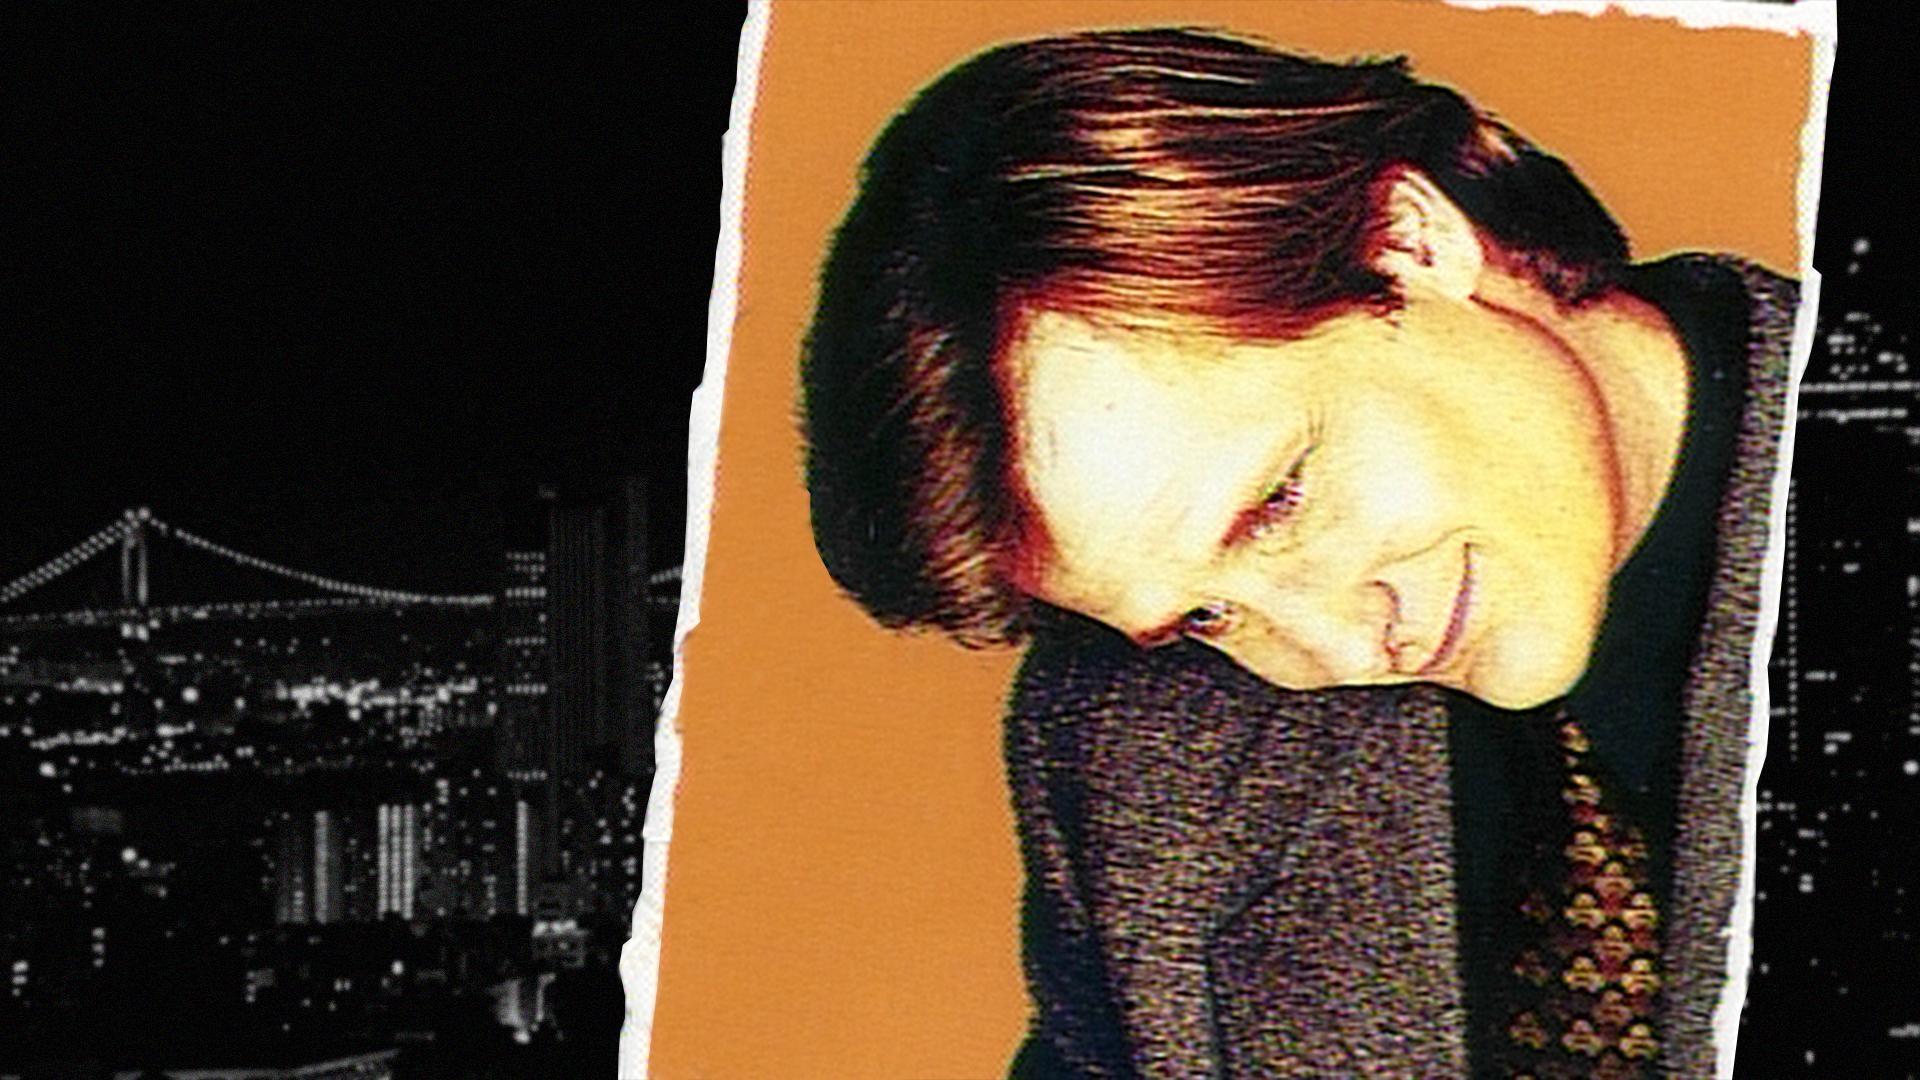 Jeff Daniels: January 14, 1995